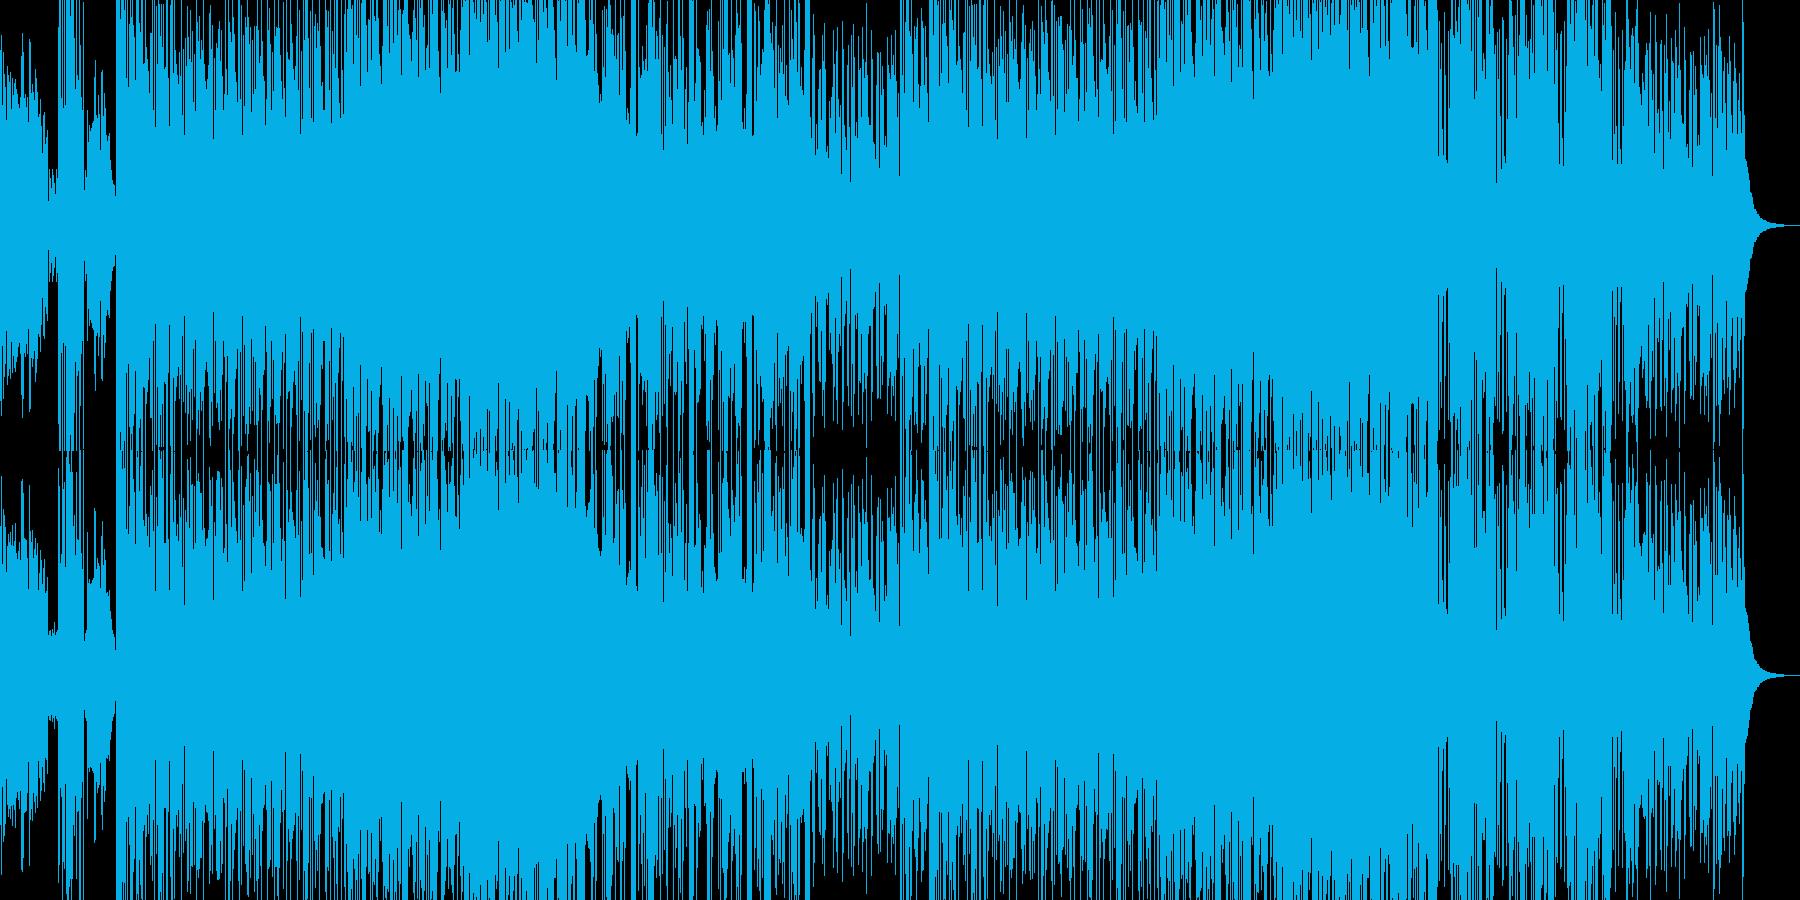 EDM DUBSTEPの再生済みの波形